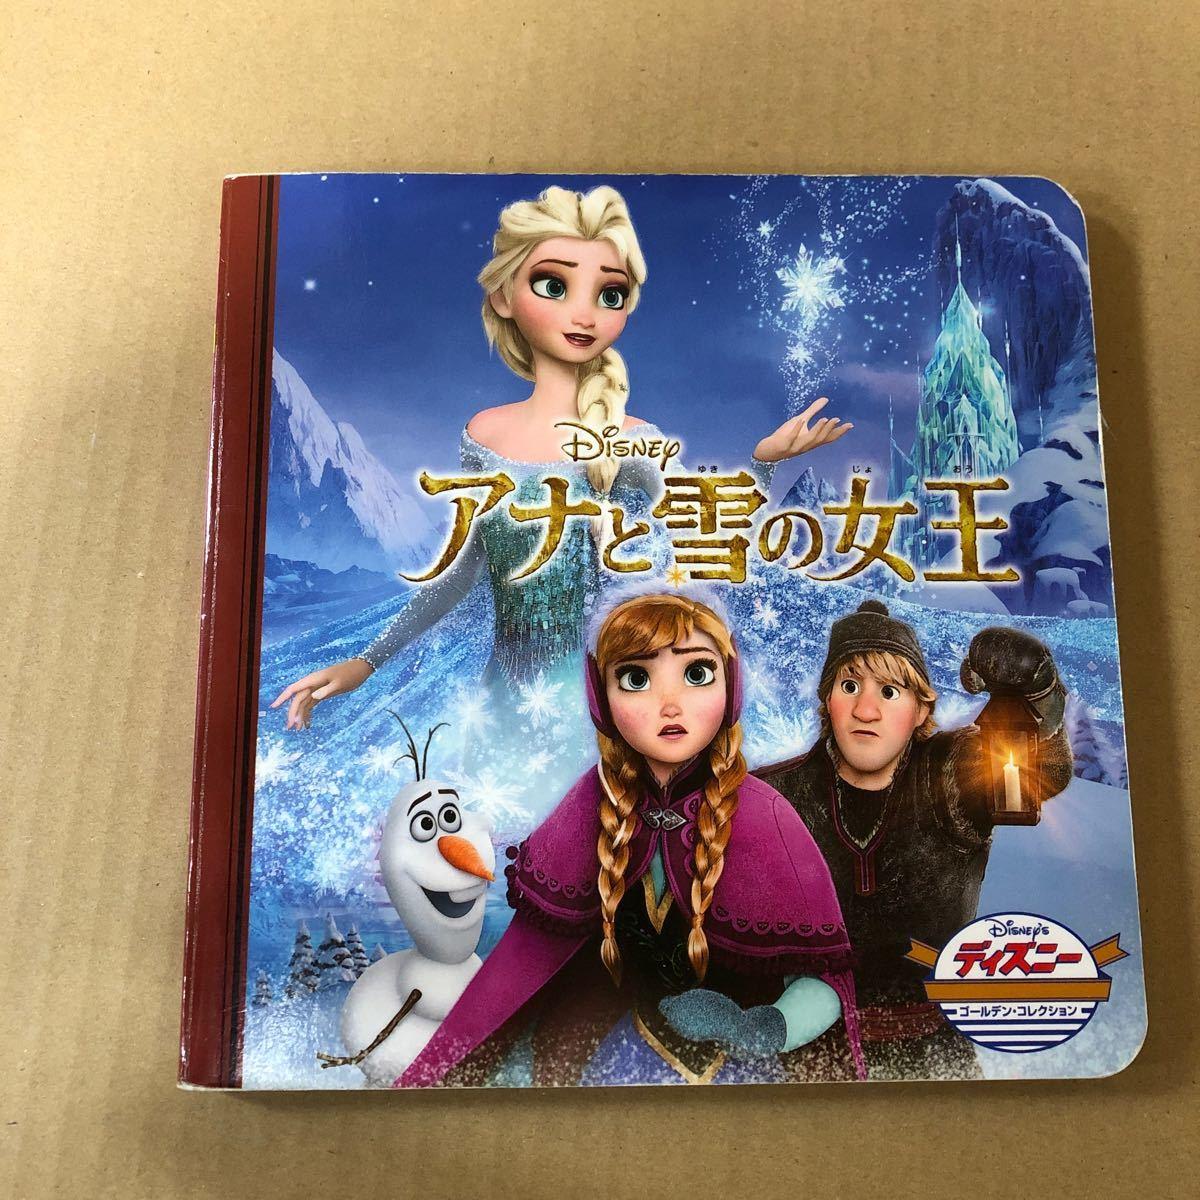 ディズニー  絵本  [カーズ][トイストーリー][アナと雪の女王]3冊セット